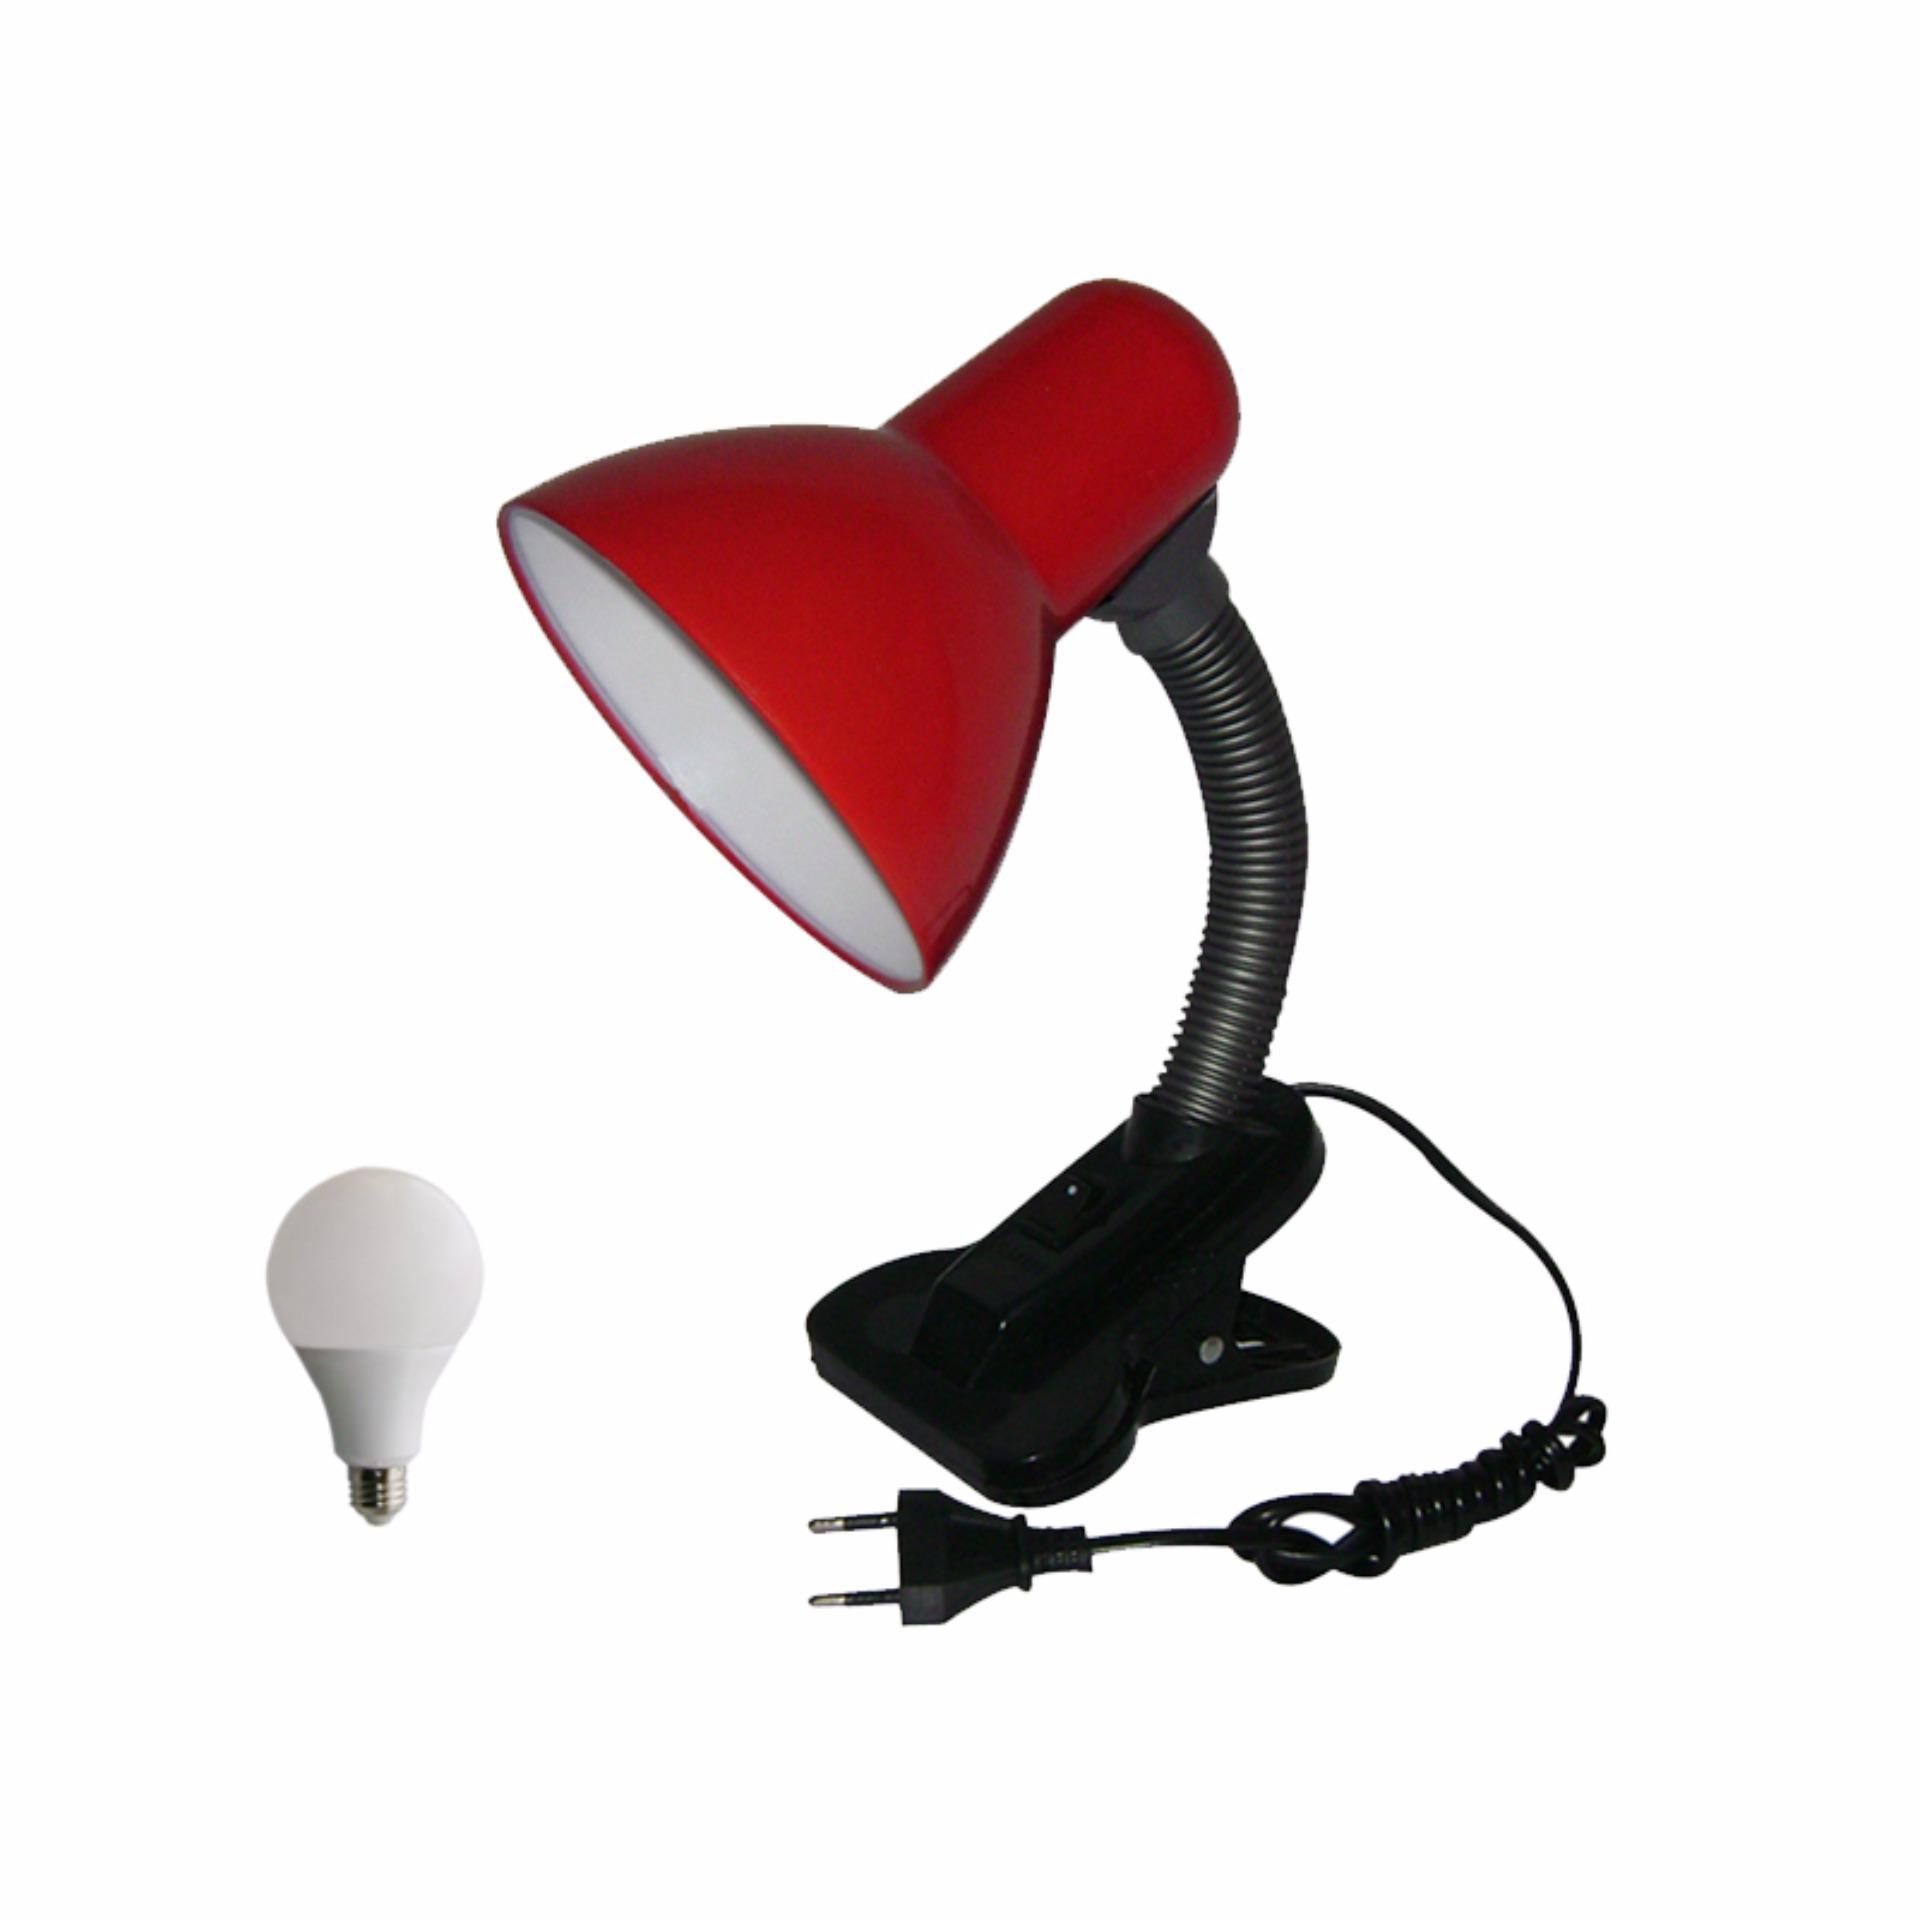 EELIC JM-108S 5W MERAH Lampu Meja - Baca - Belajar Jepit Switch + 5W LED